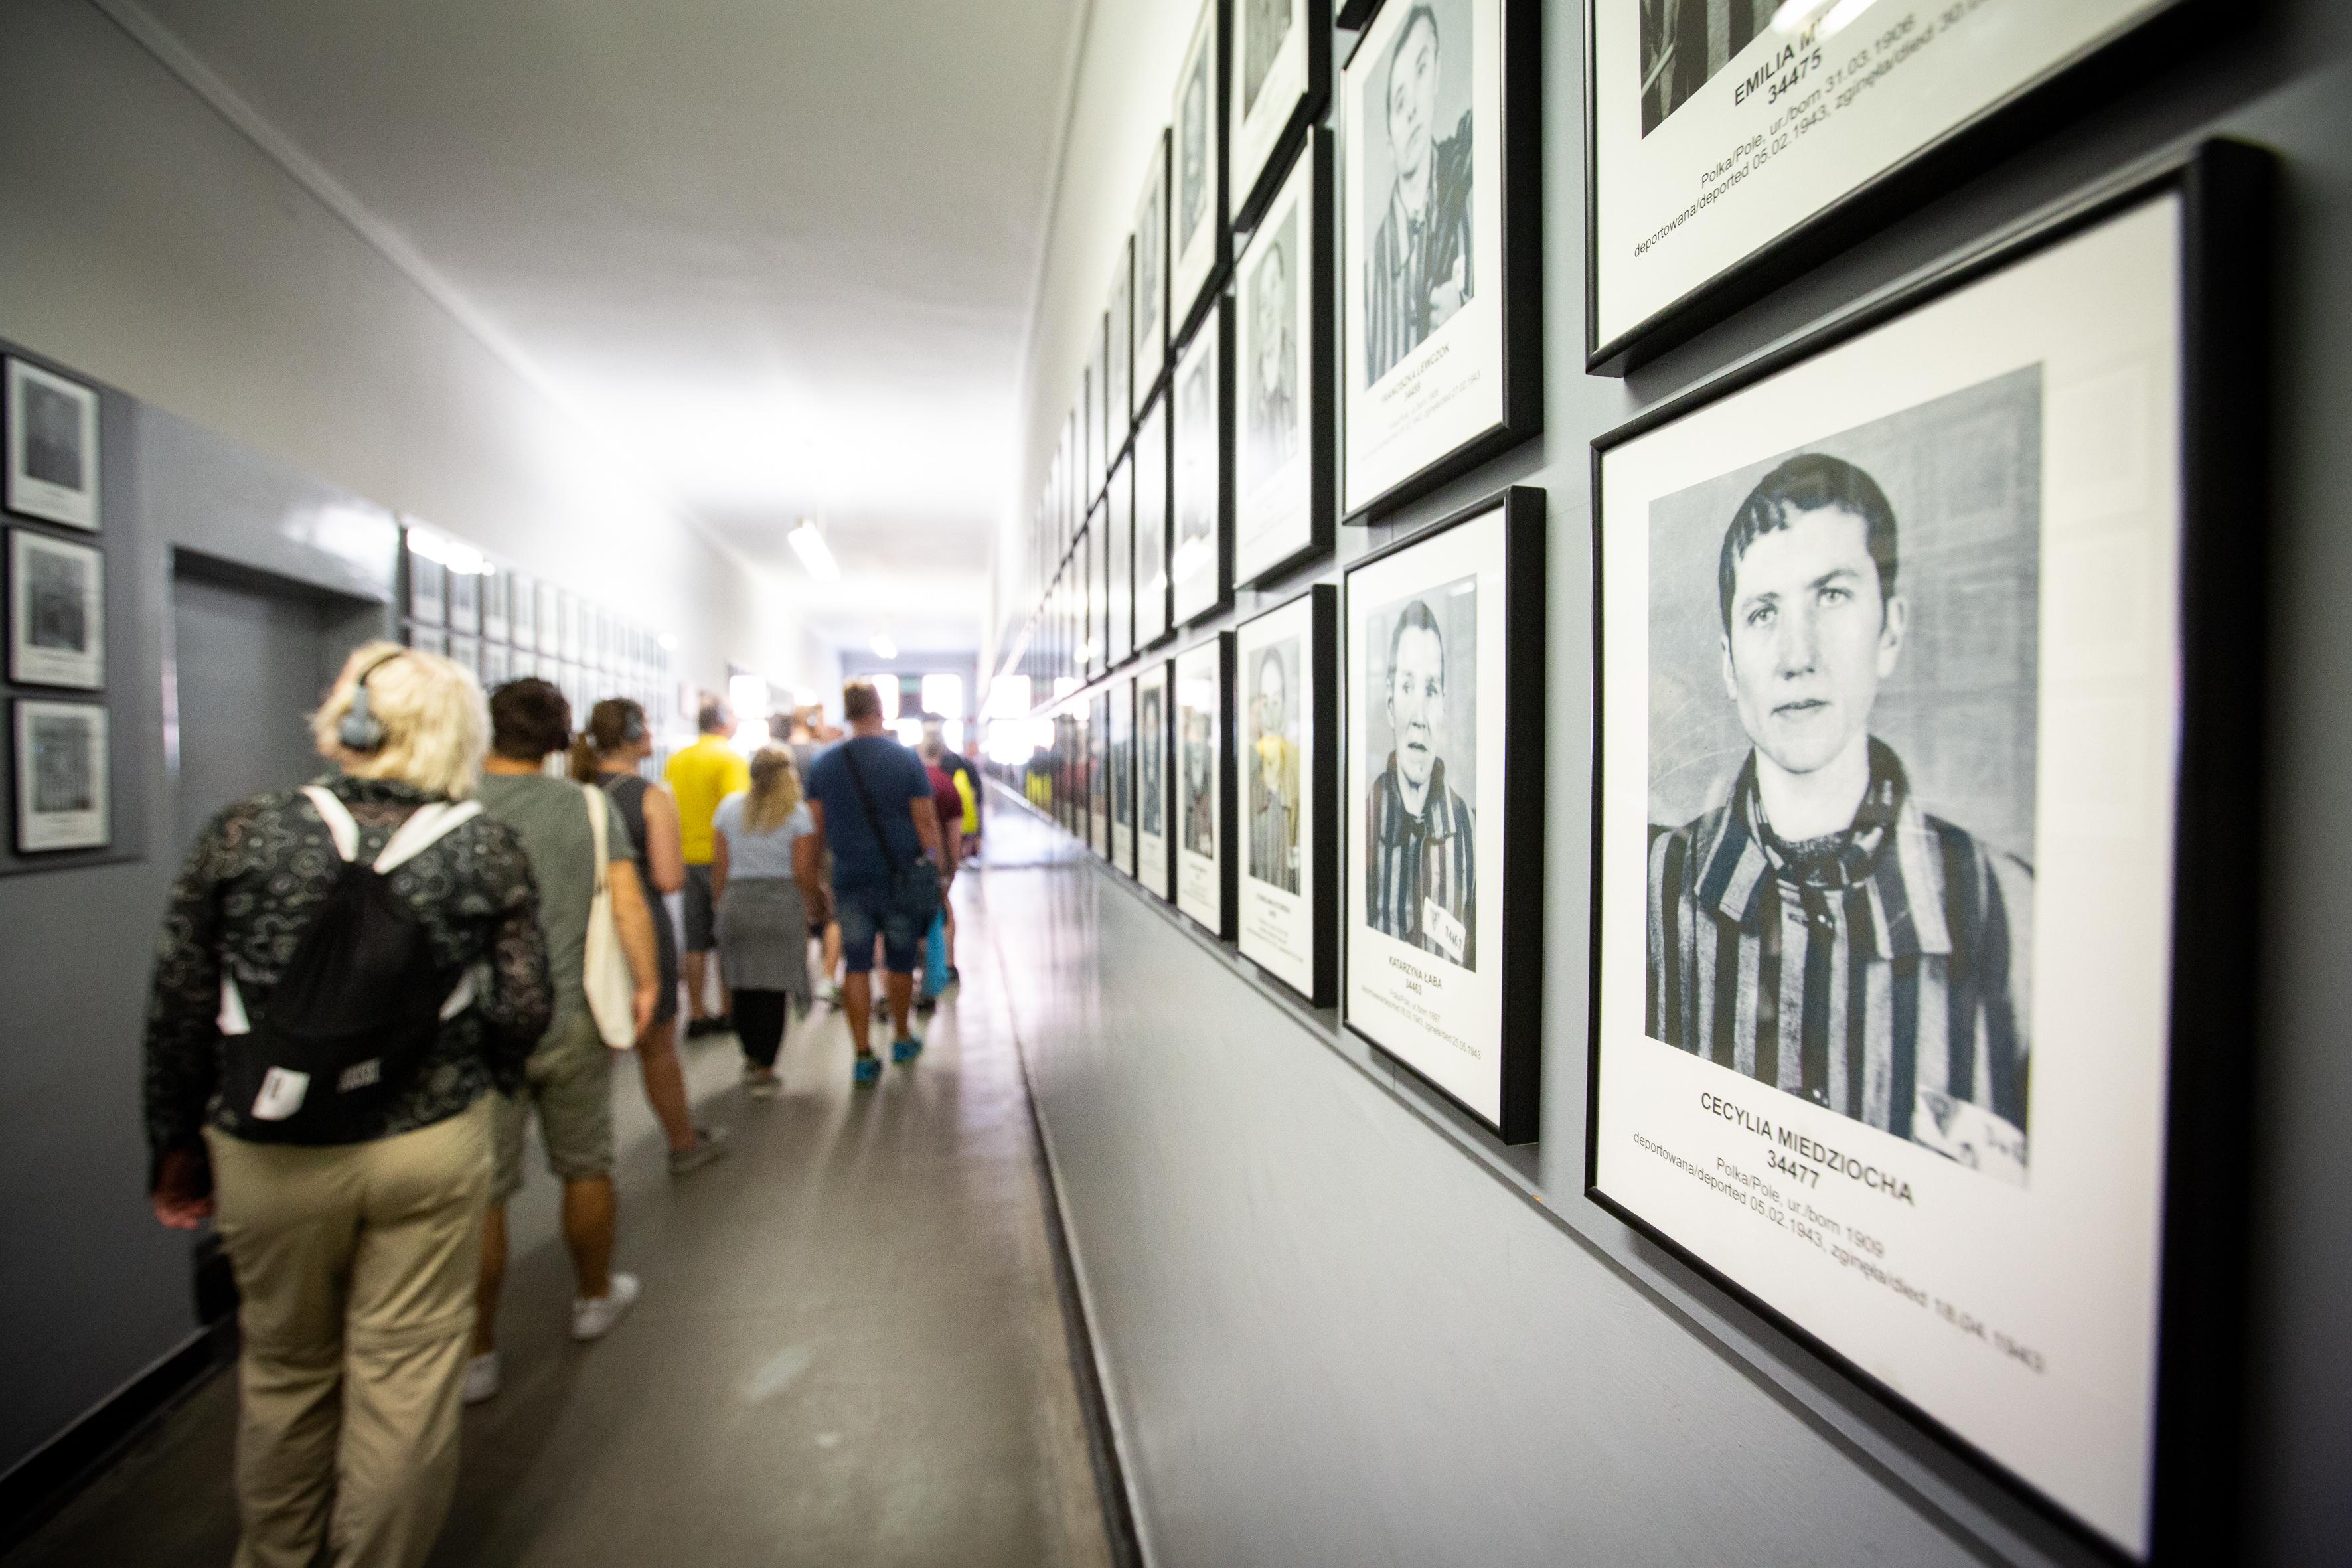 BVB-Fans besuchen die Daueraustellung auf dem Gelände des ehemaligen Stammlagers